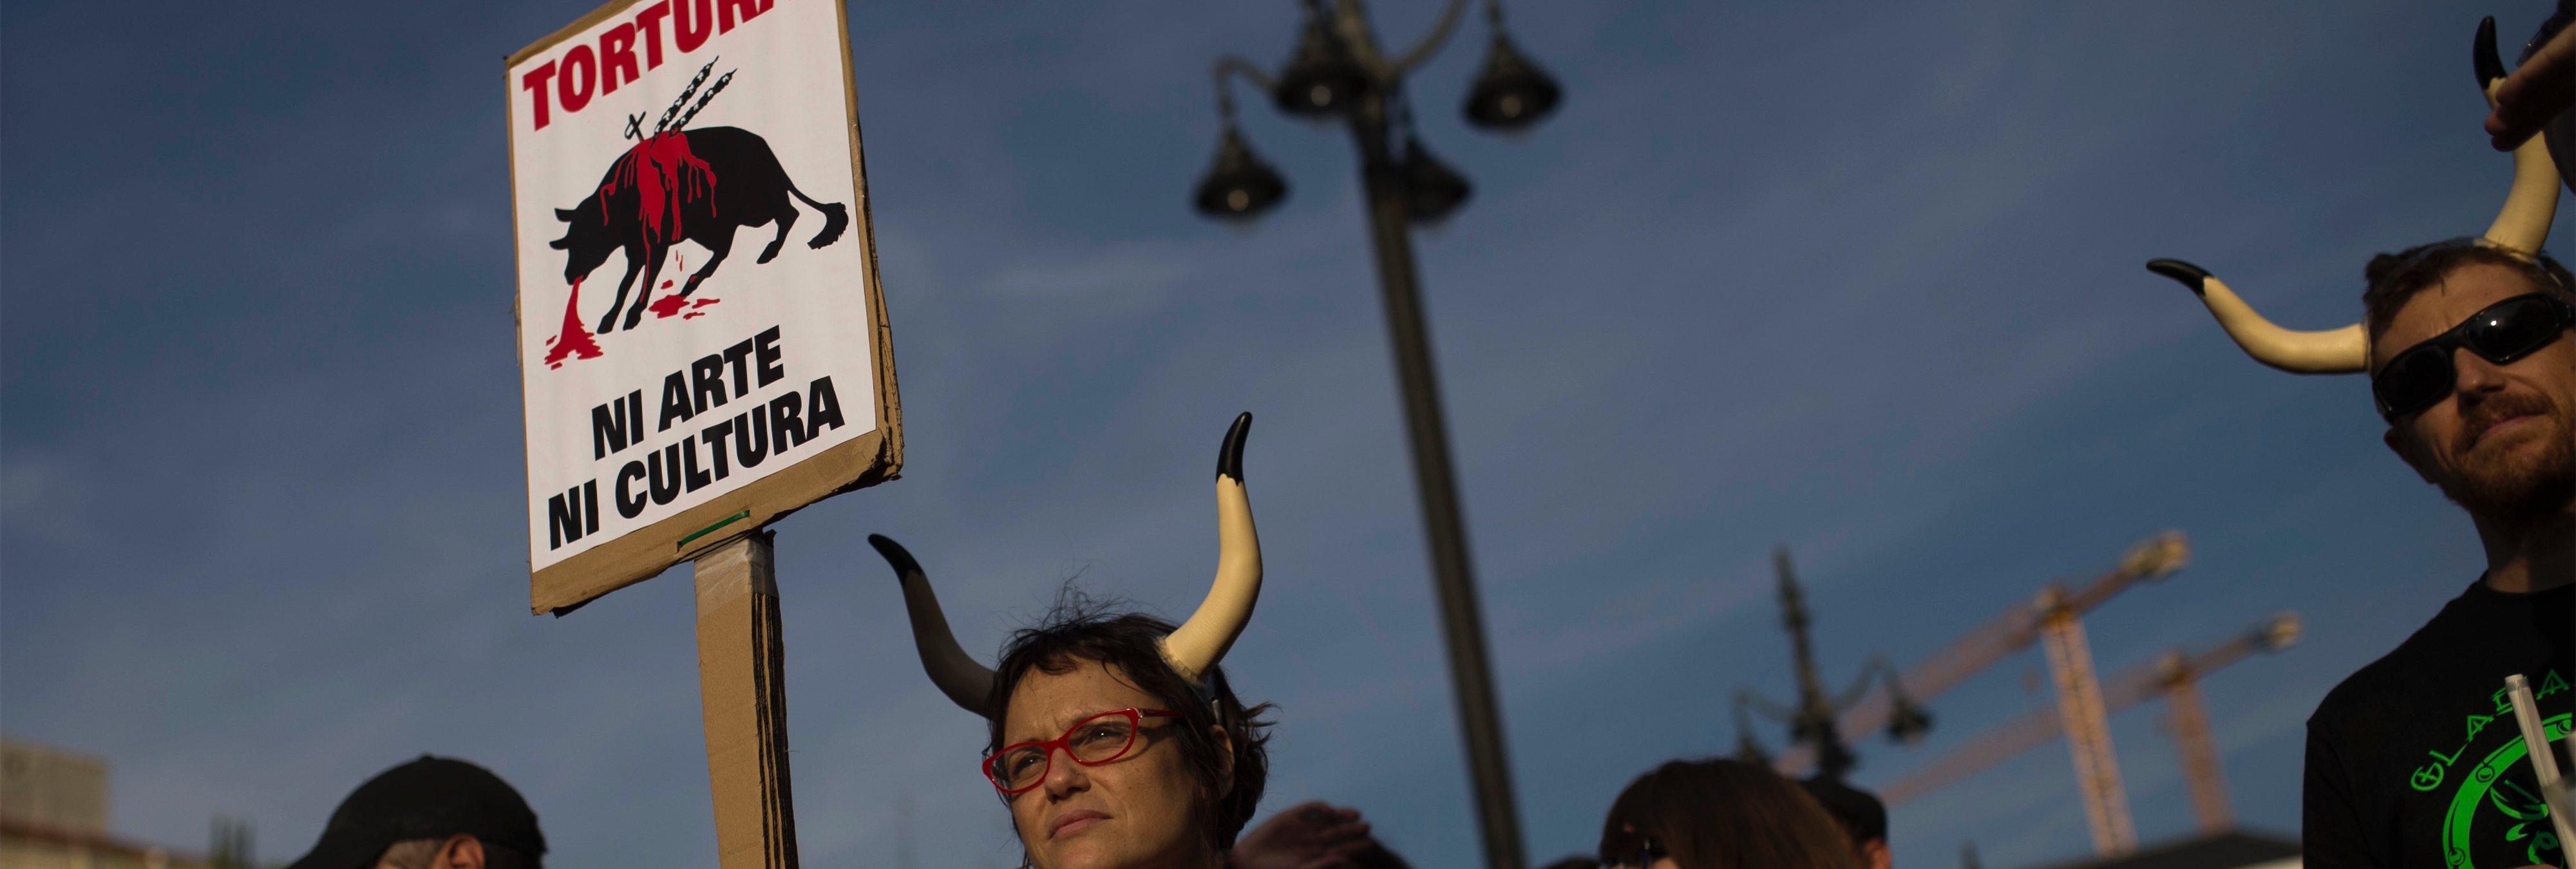 Pontevedra se declara ciudad contraria a la tauromaquia y pide a la UE que lo prohíba